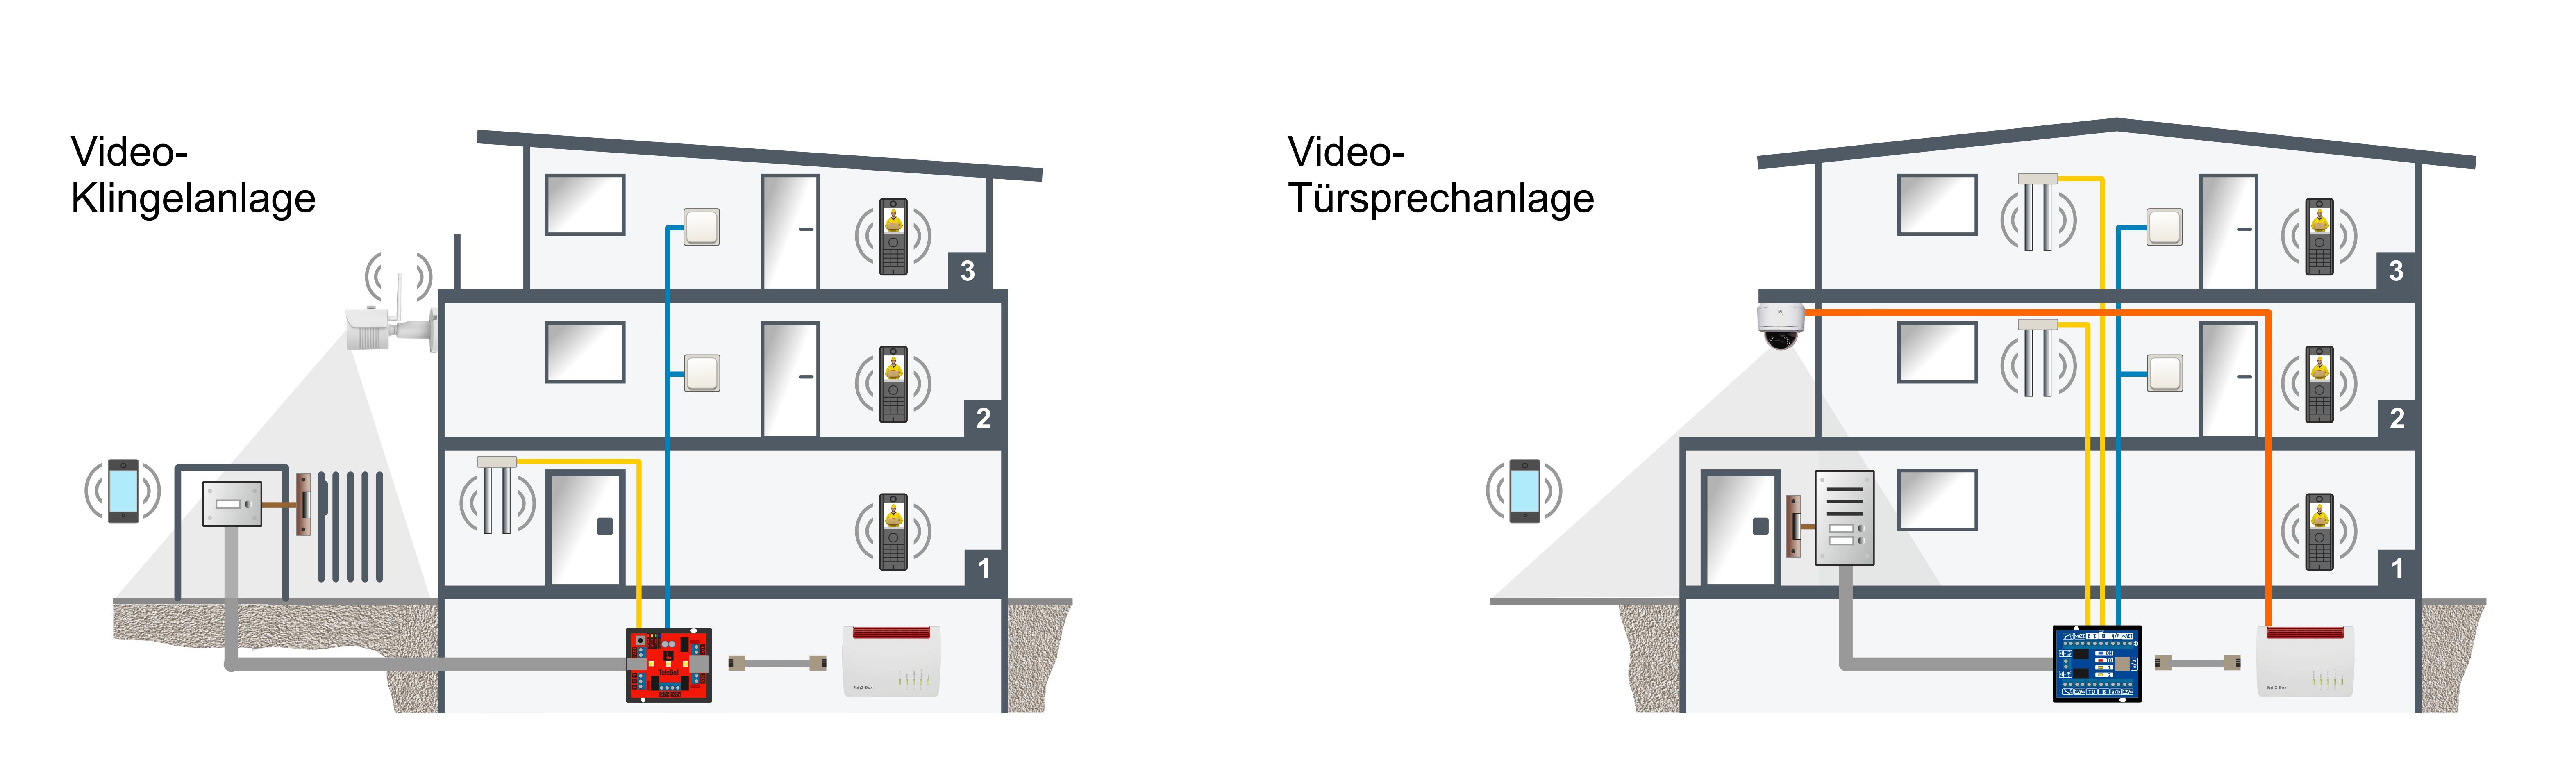 L Tek Tursprechanlage Fur Fritzbox Speedport Und Telefonanlagen